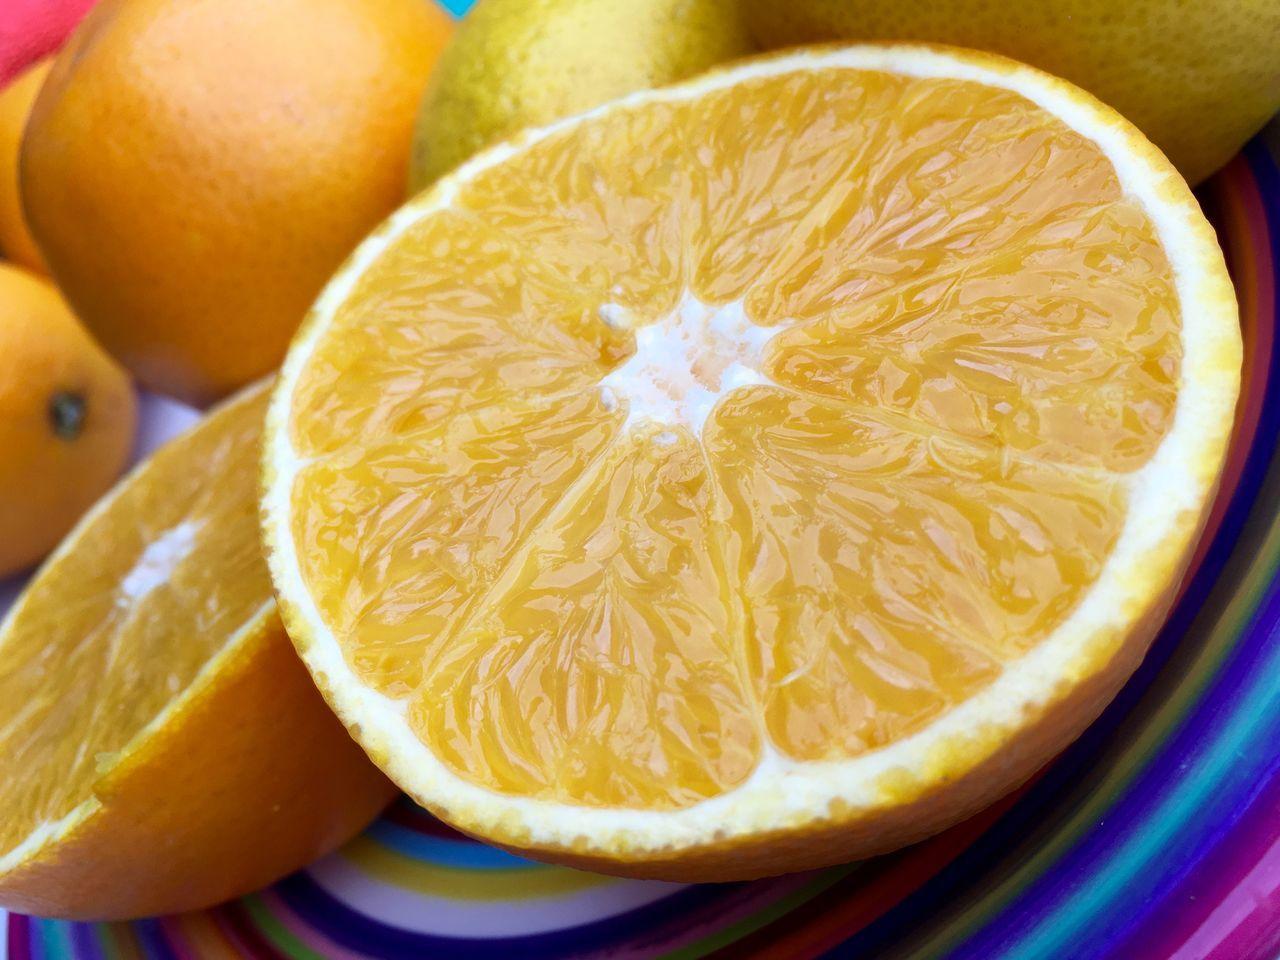 Tilt Image Of Halved Oranges In Plate